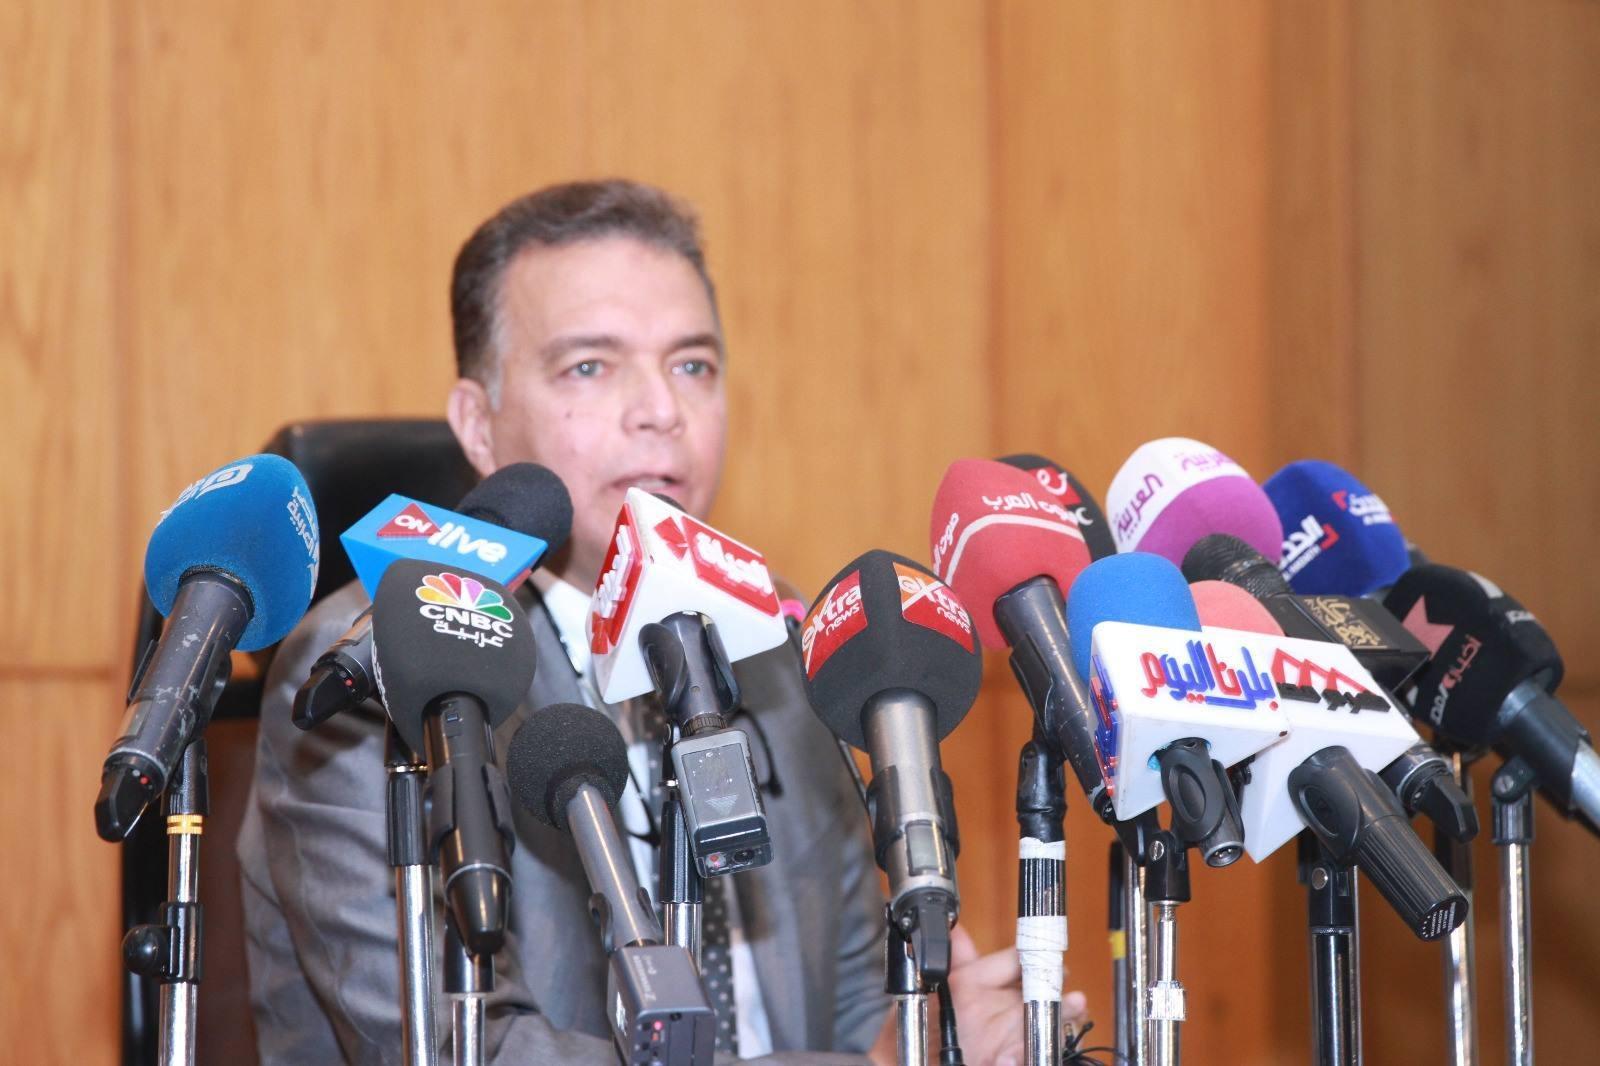 شاهد| وزير النقل يكشف مصير سائقي قطار الإسكندرية: «قفزوا قبل الحادث»